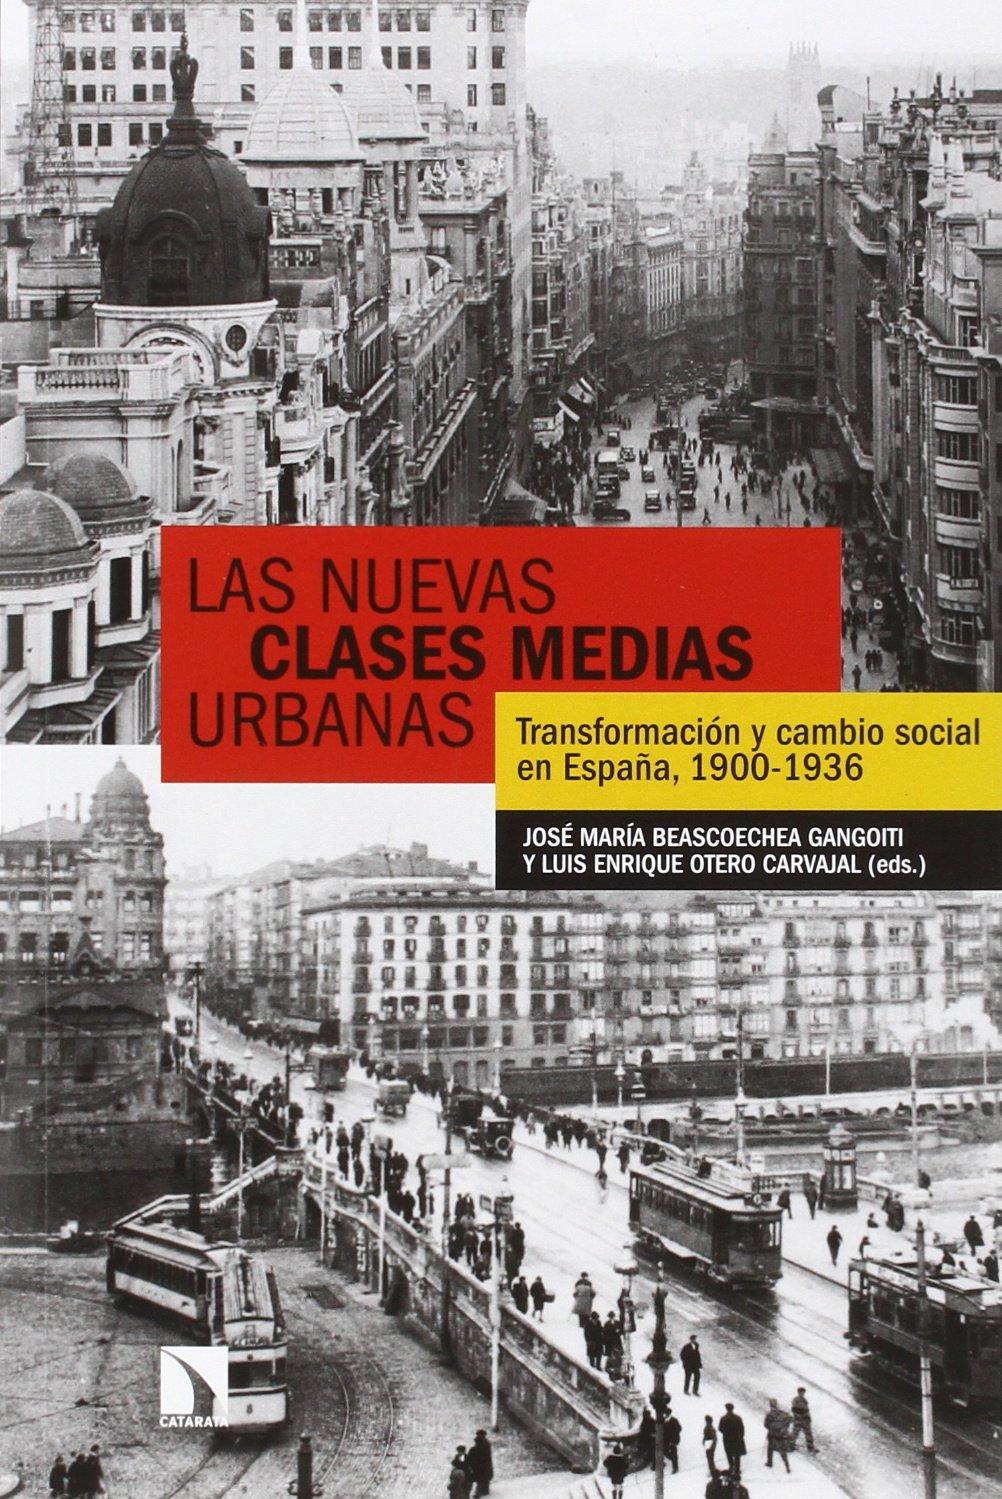 Las nuevas clases medias urbanas: transformación y cambio social en España, 1900-1936 COLECCION MAYOR: Amazon.es: Beascoechea Gangoiti, José María, Otero Carvajal, Luis Enrique: Libros